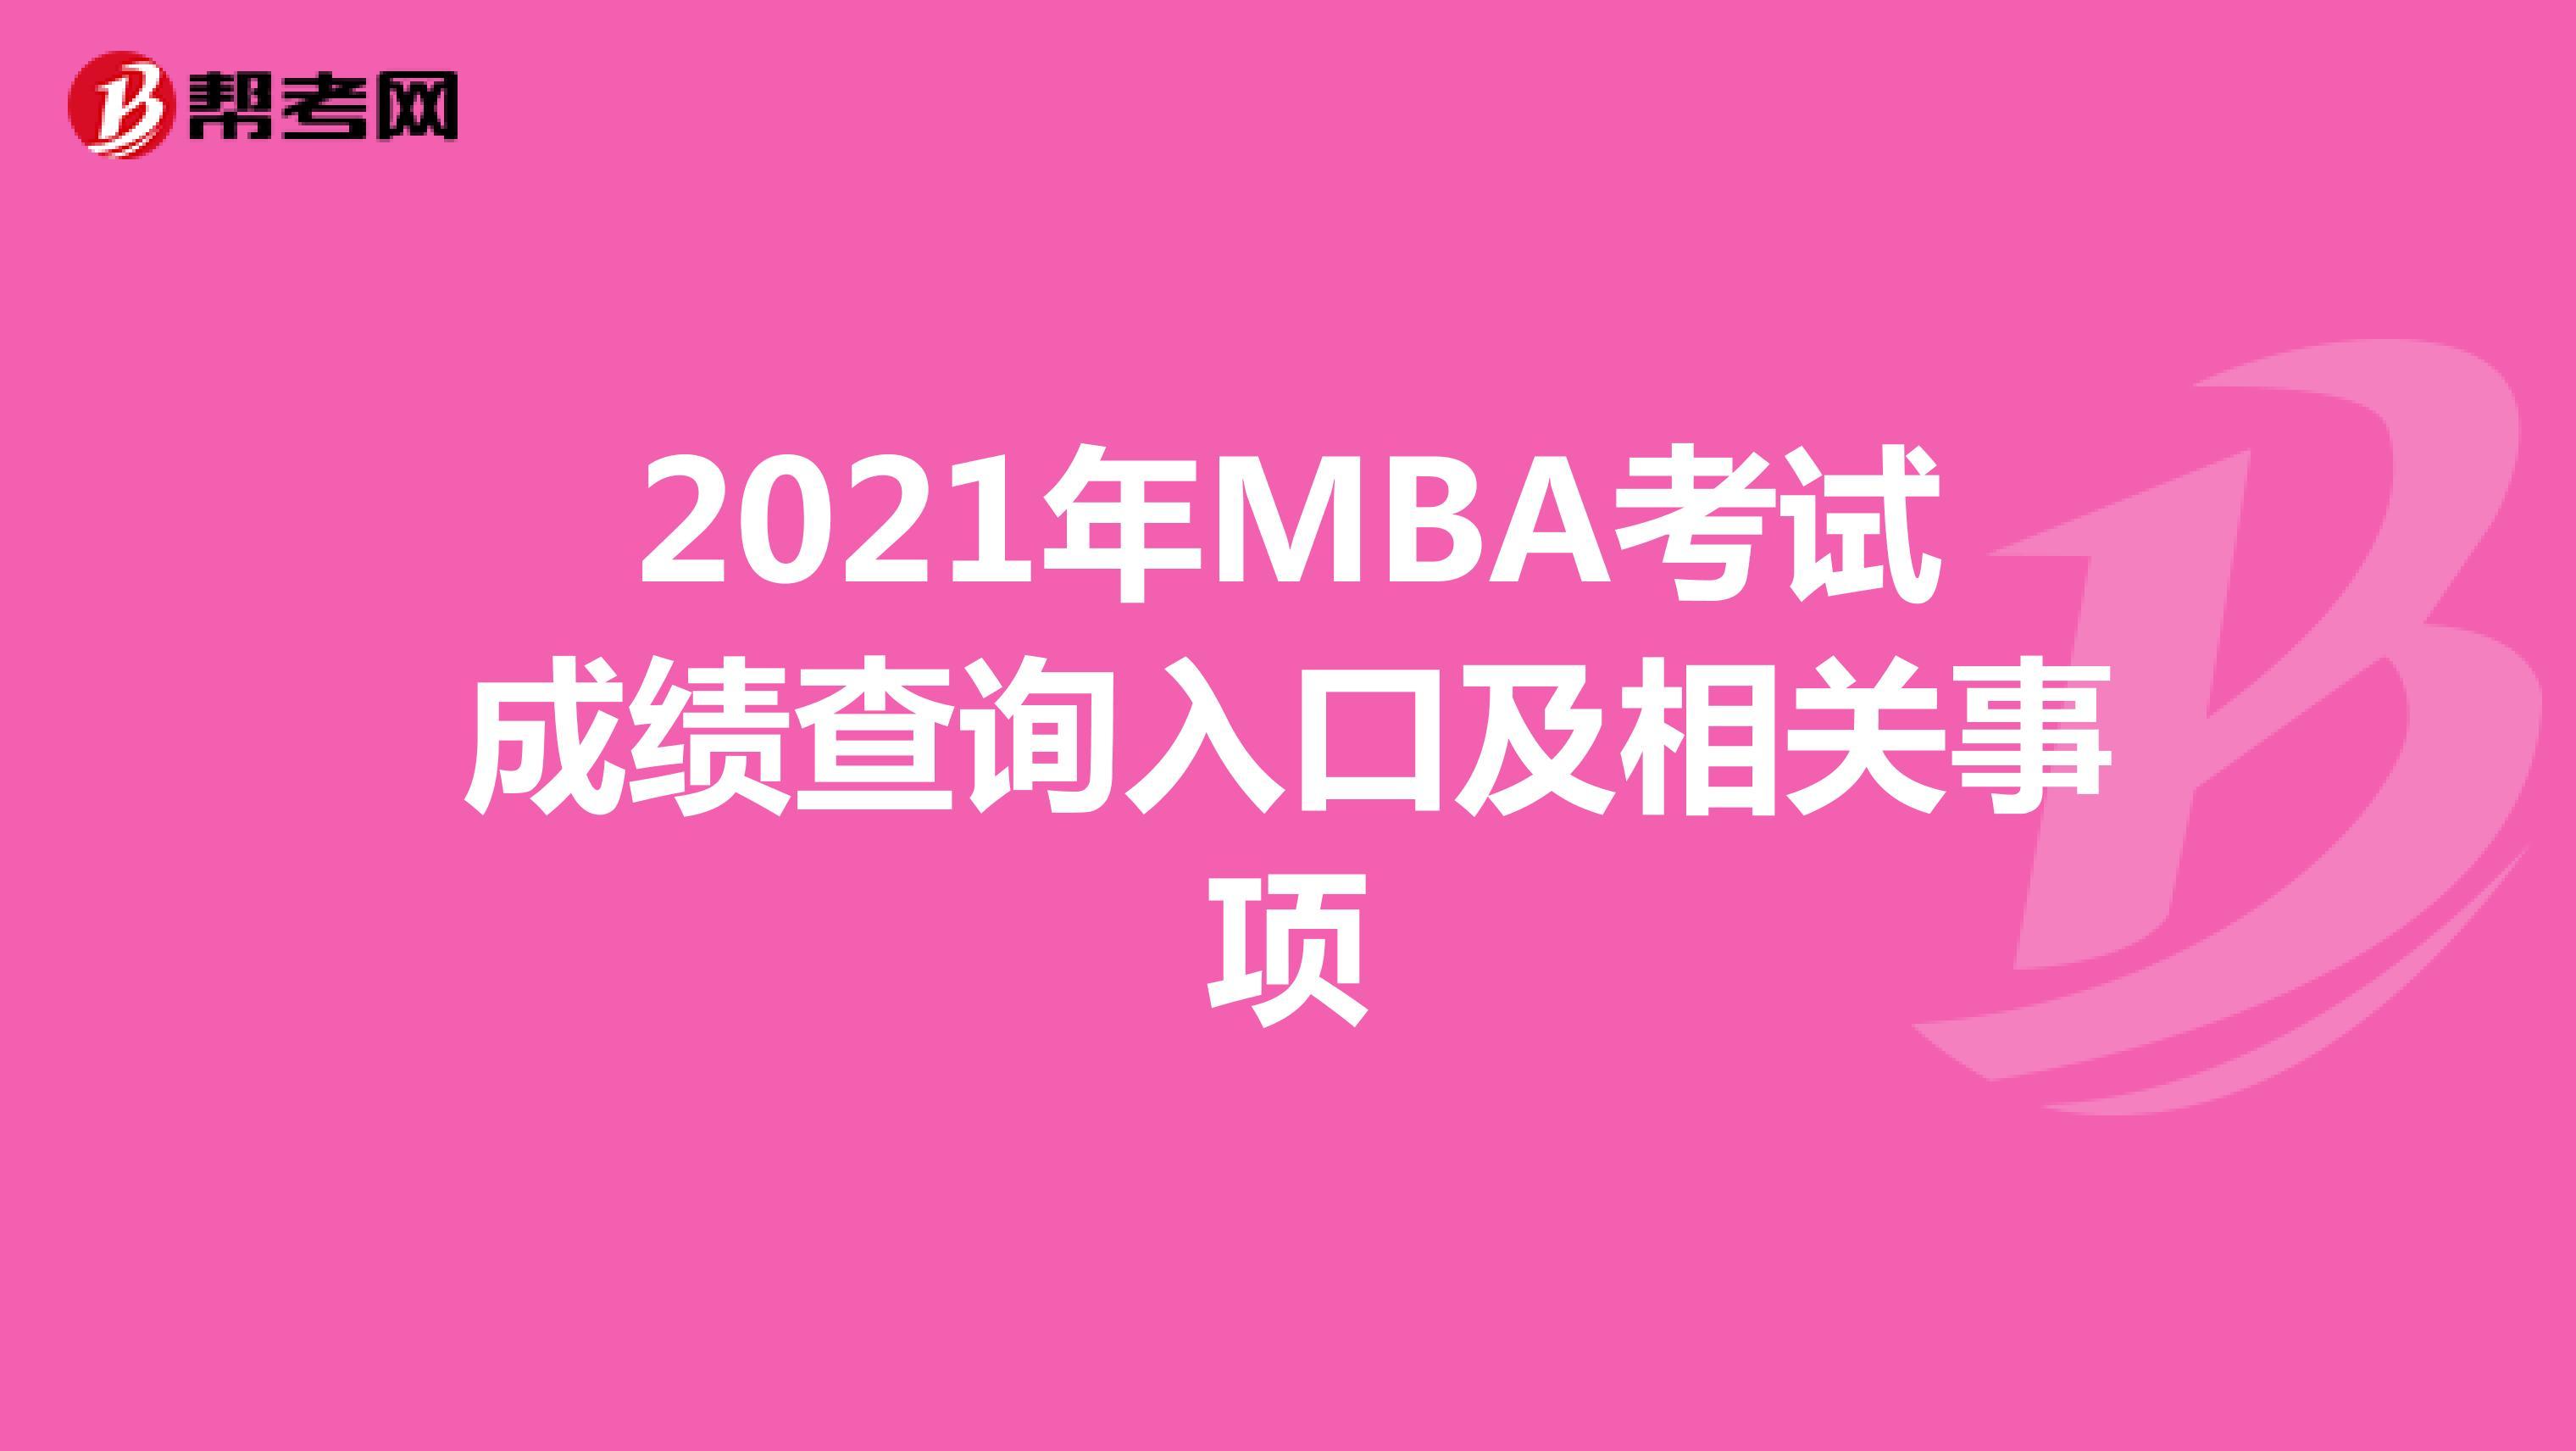 2021年MBA考試成績查詢入口及相關事項